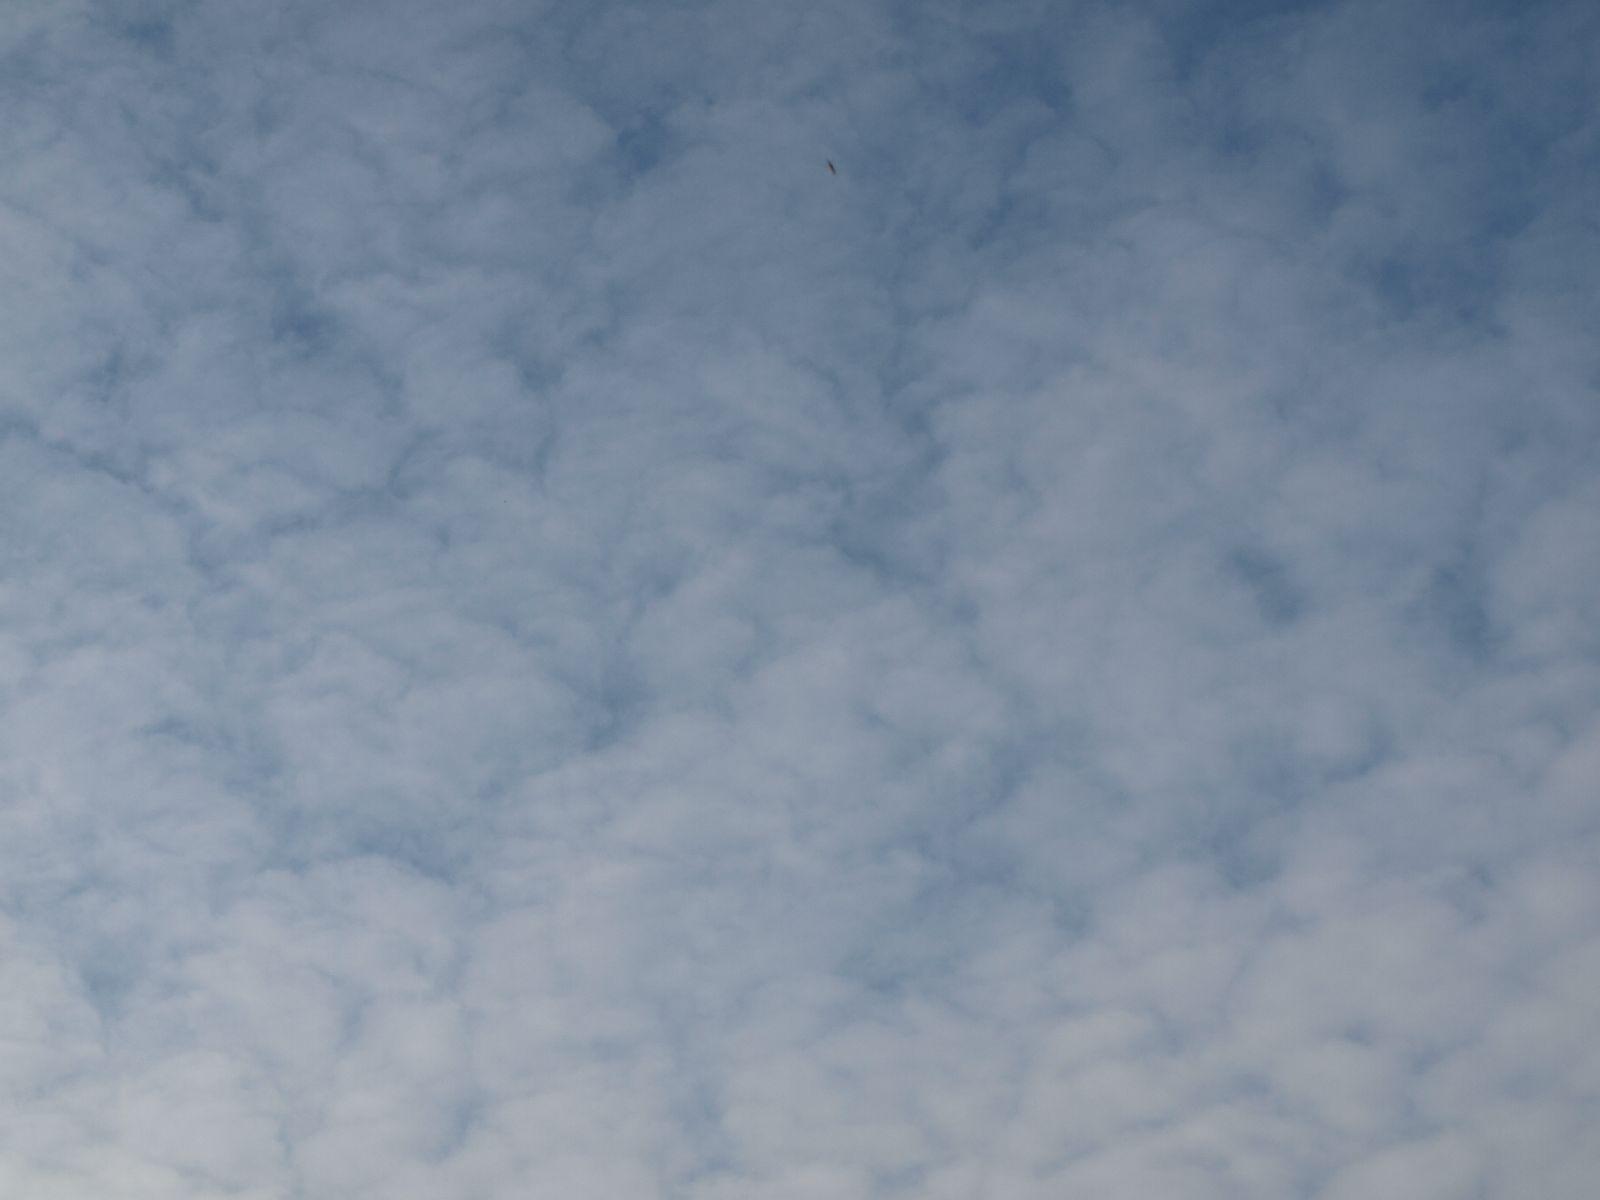 Himmel-Wolken-Foto_Textur_A_P9195038